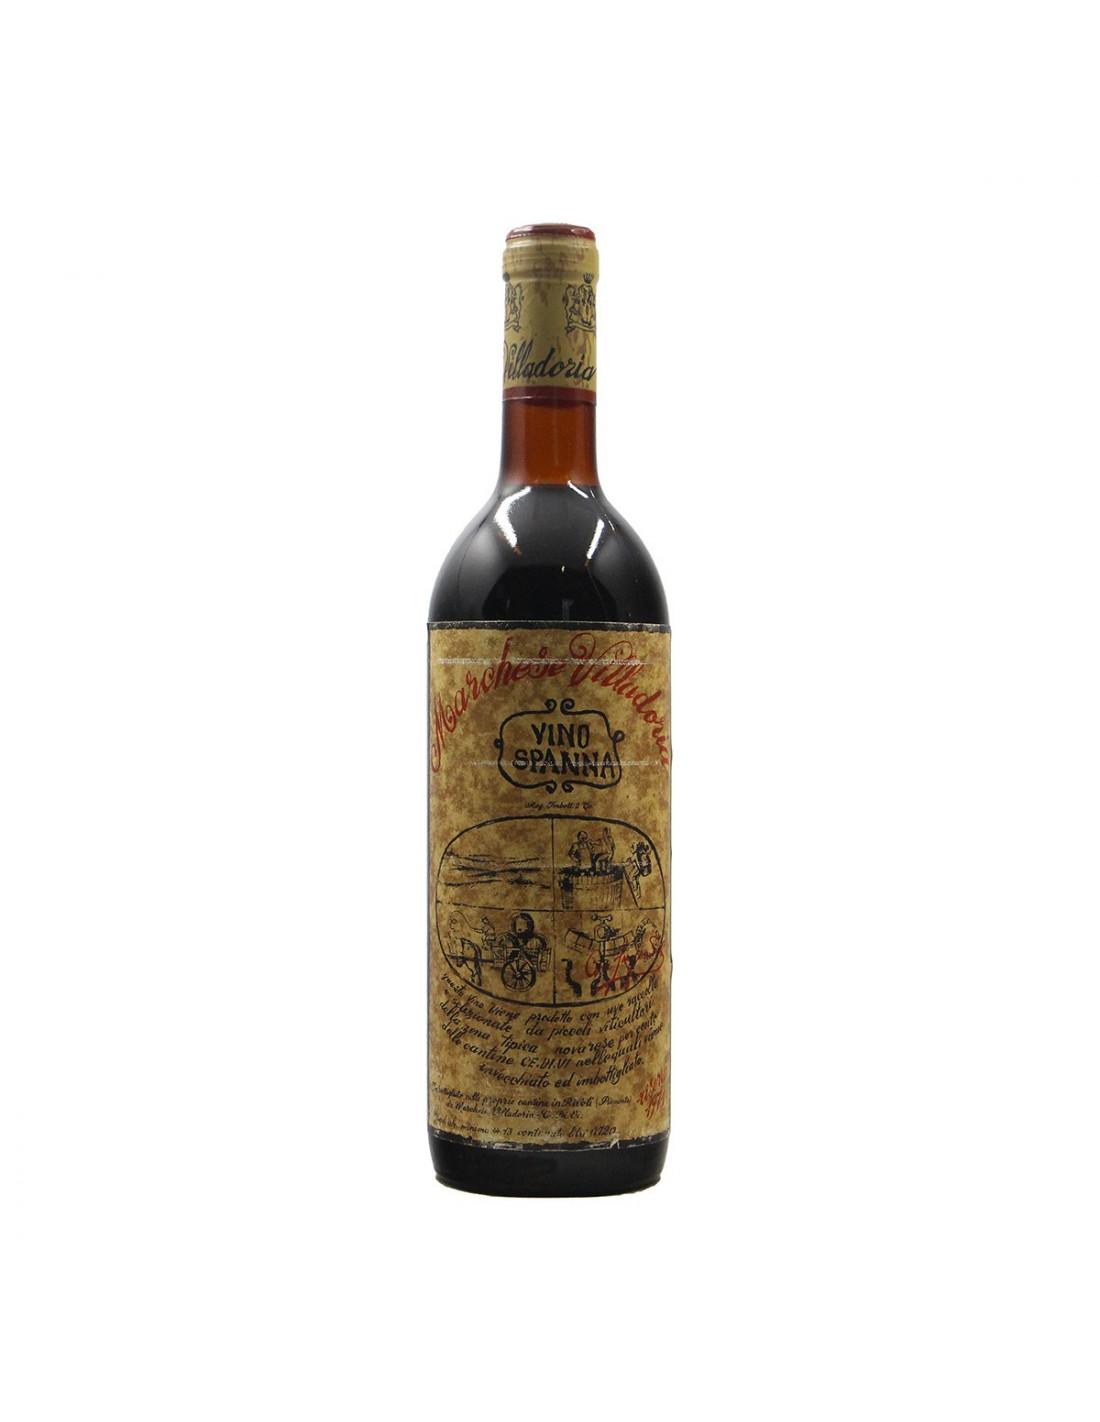 SPANNA RISERVA 1971 VILLADORIA Grandi Bottiglie